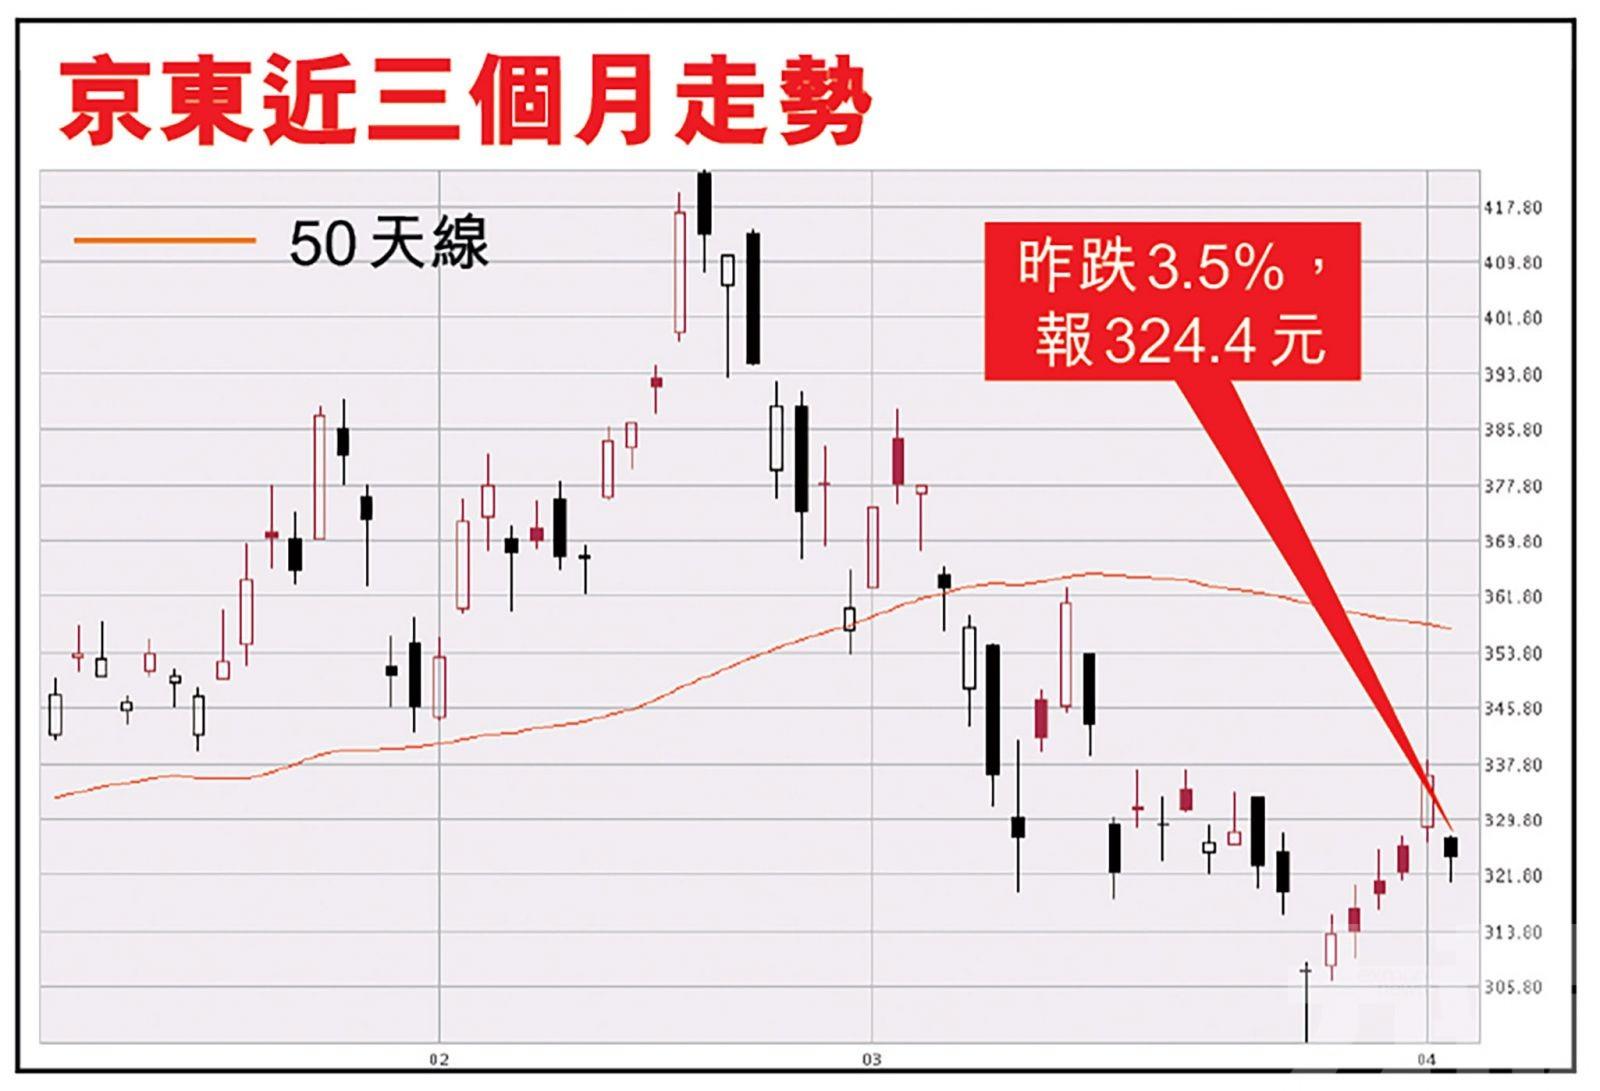 京東昨挫3.5% 分析:可考慮300元入市